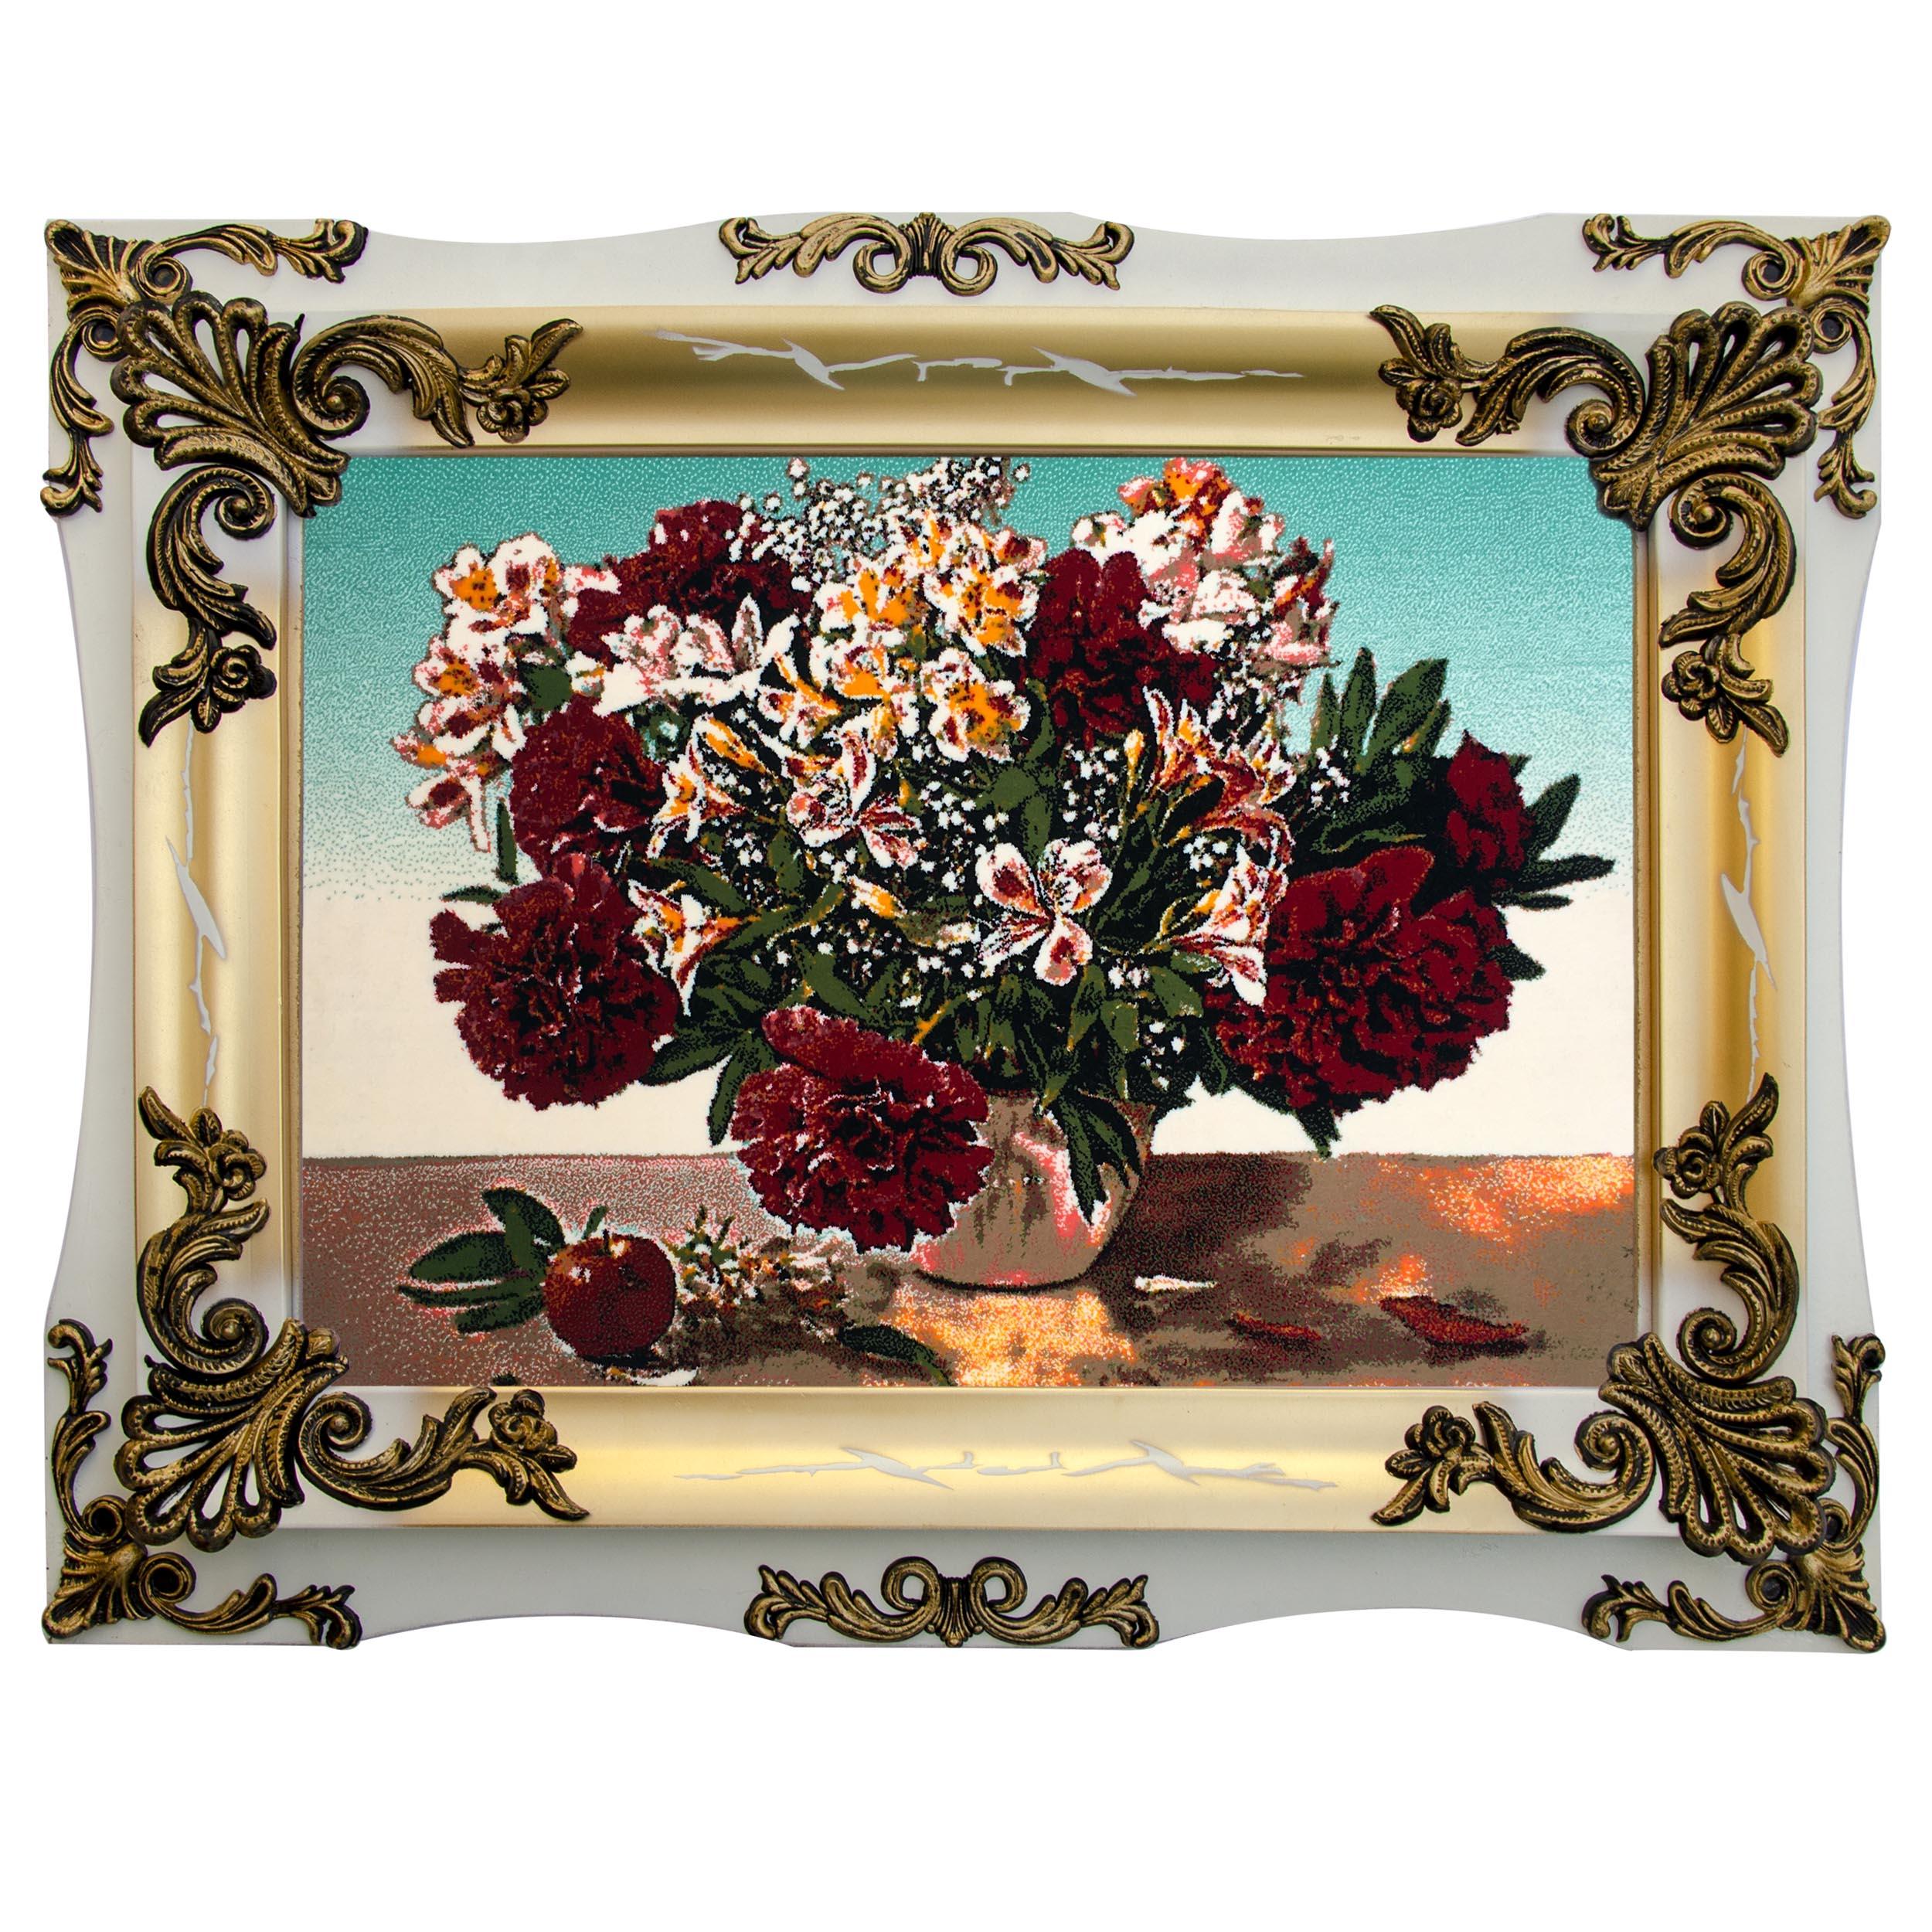 تابلو فرش ماشینی چارسوق فرشان طرح گلدان کد 57026